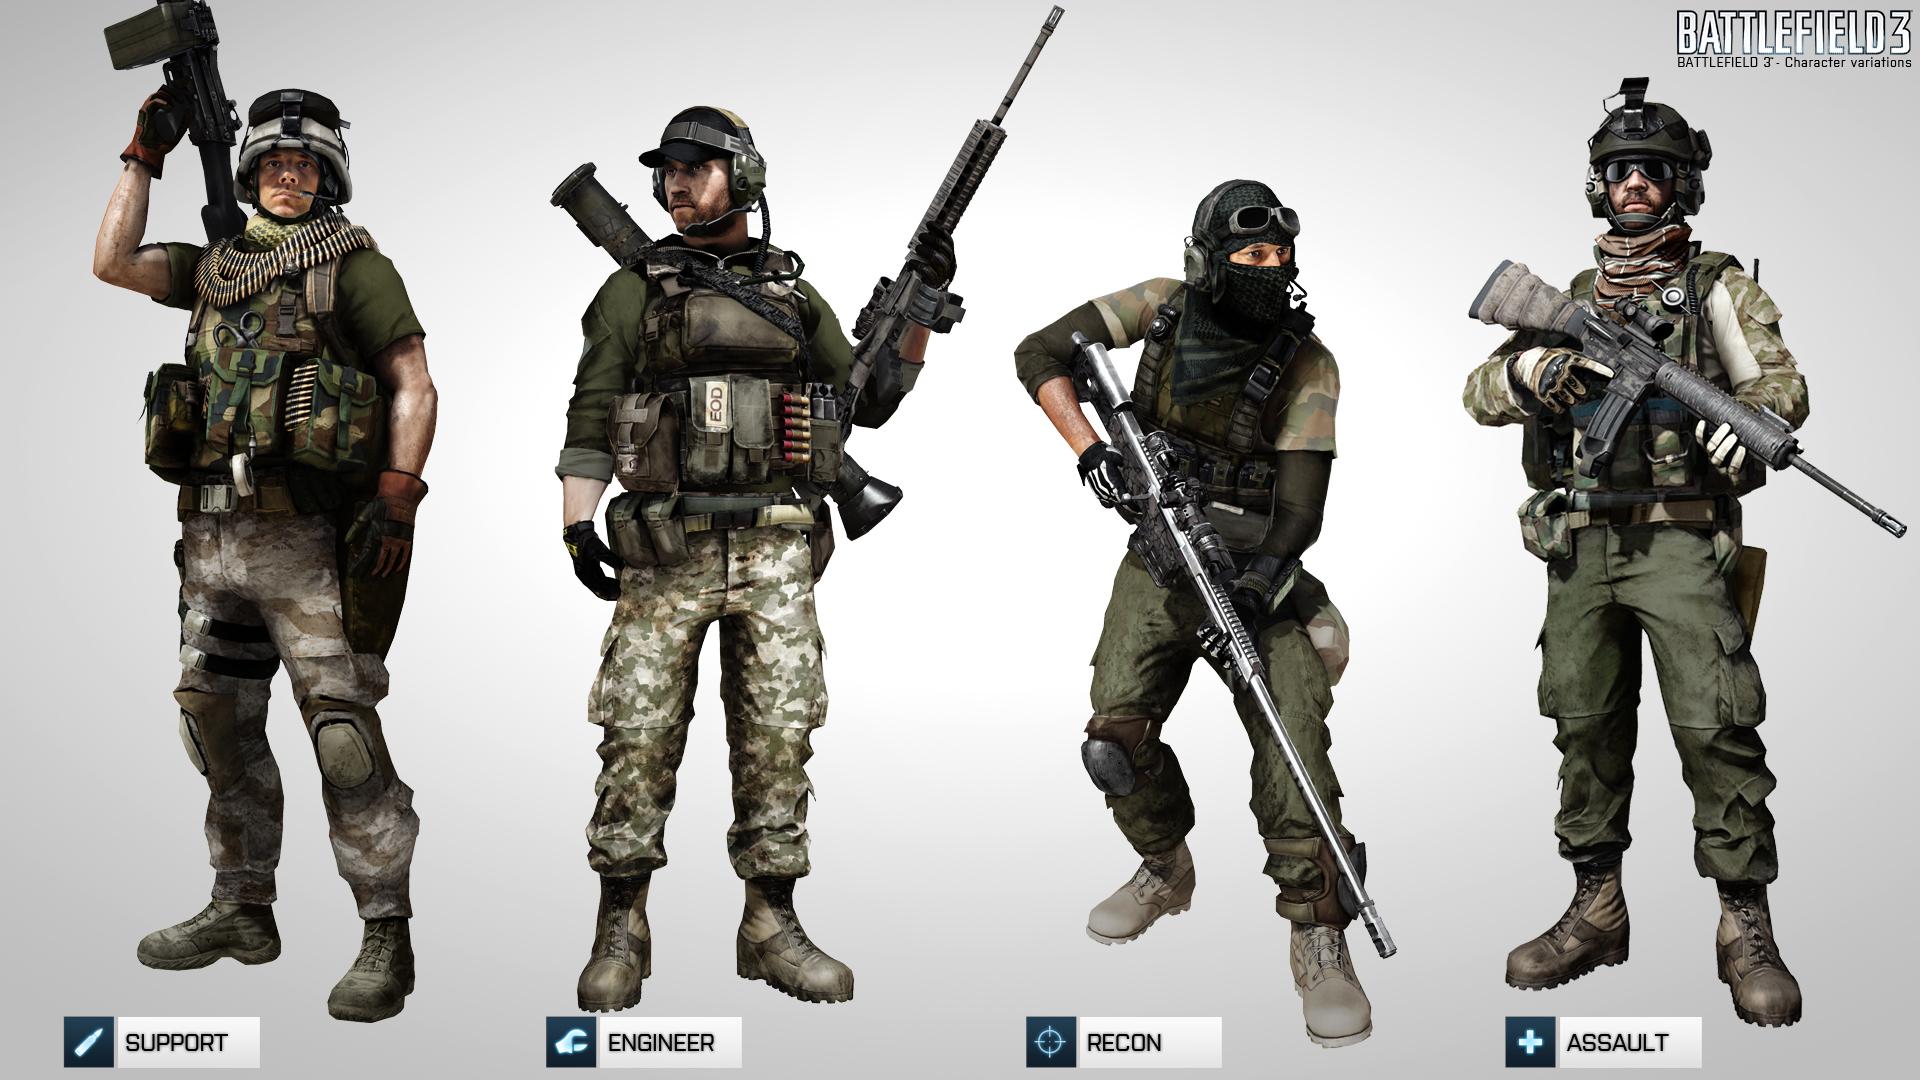 SPECACT - Battlefield Wiki - Battlefield 3, Bad Company 2, Weapons ...